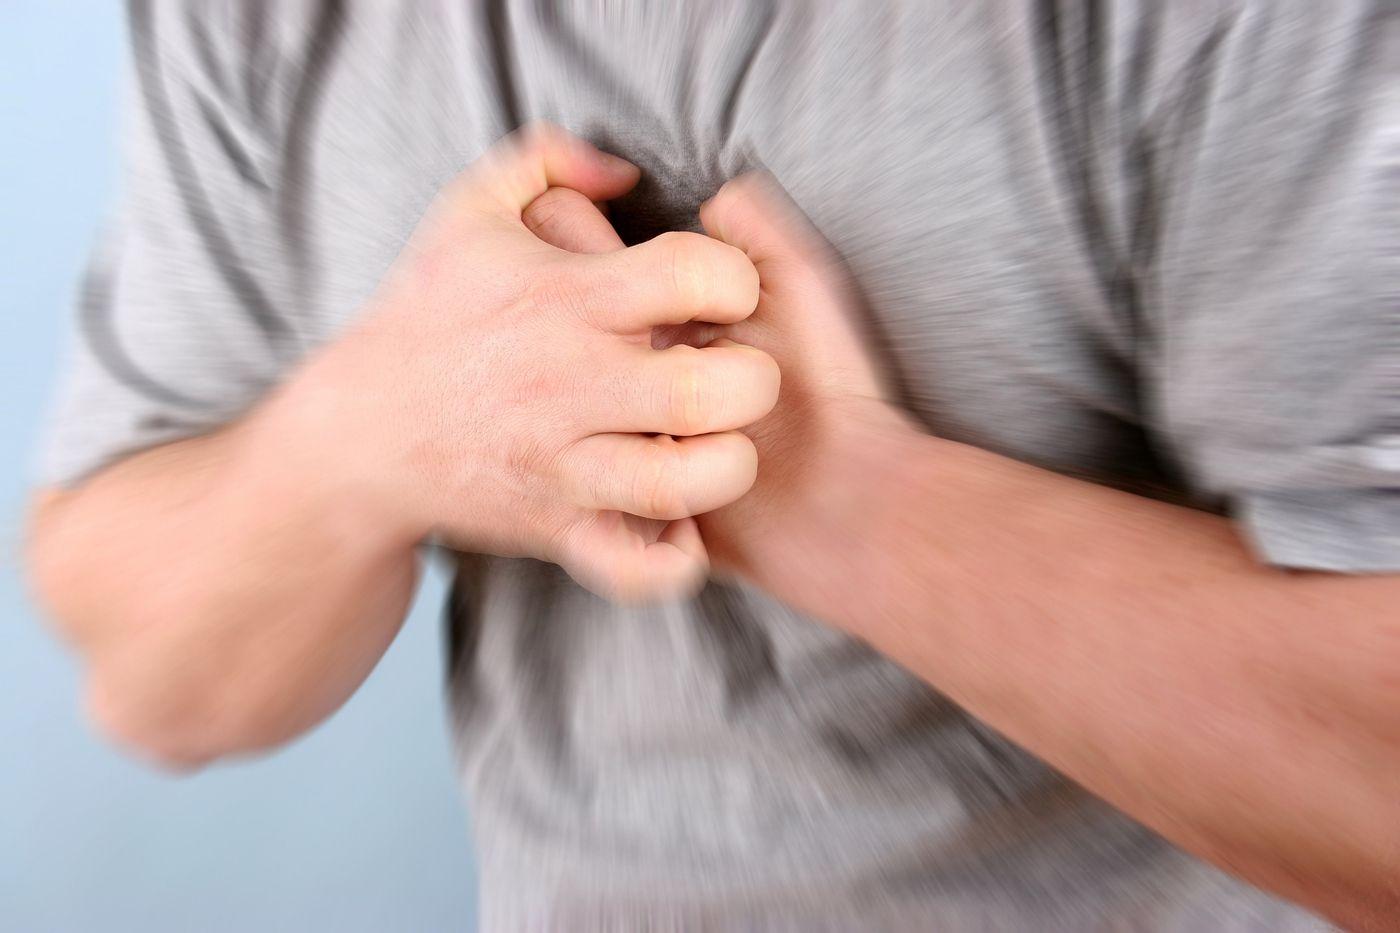 Đau ngực, đau nhiều khi ho là một trong những triệu chứng ung thư phổi giai đoạn đầu